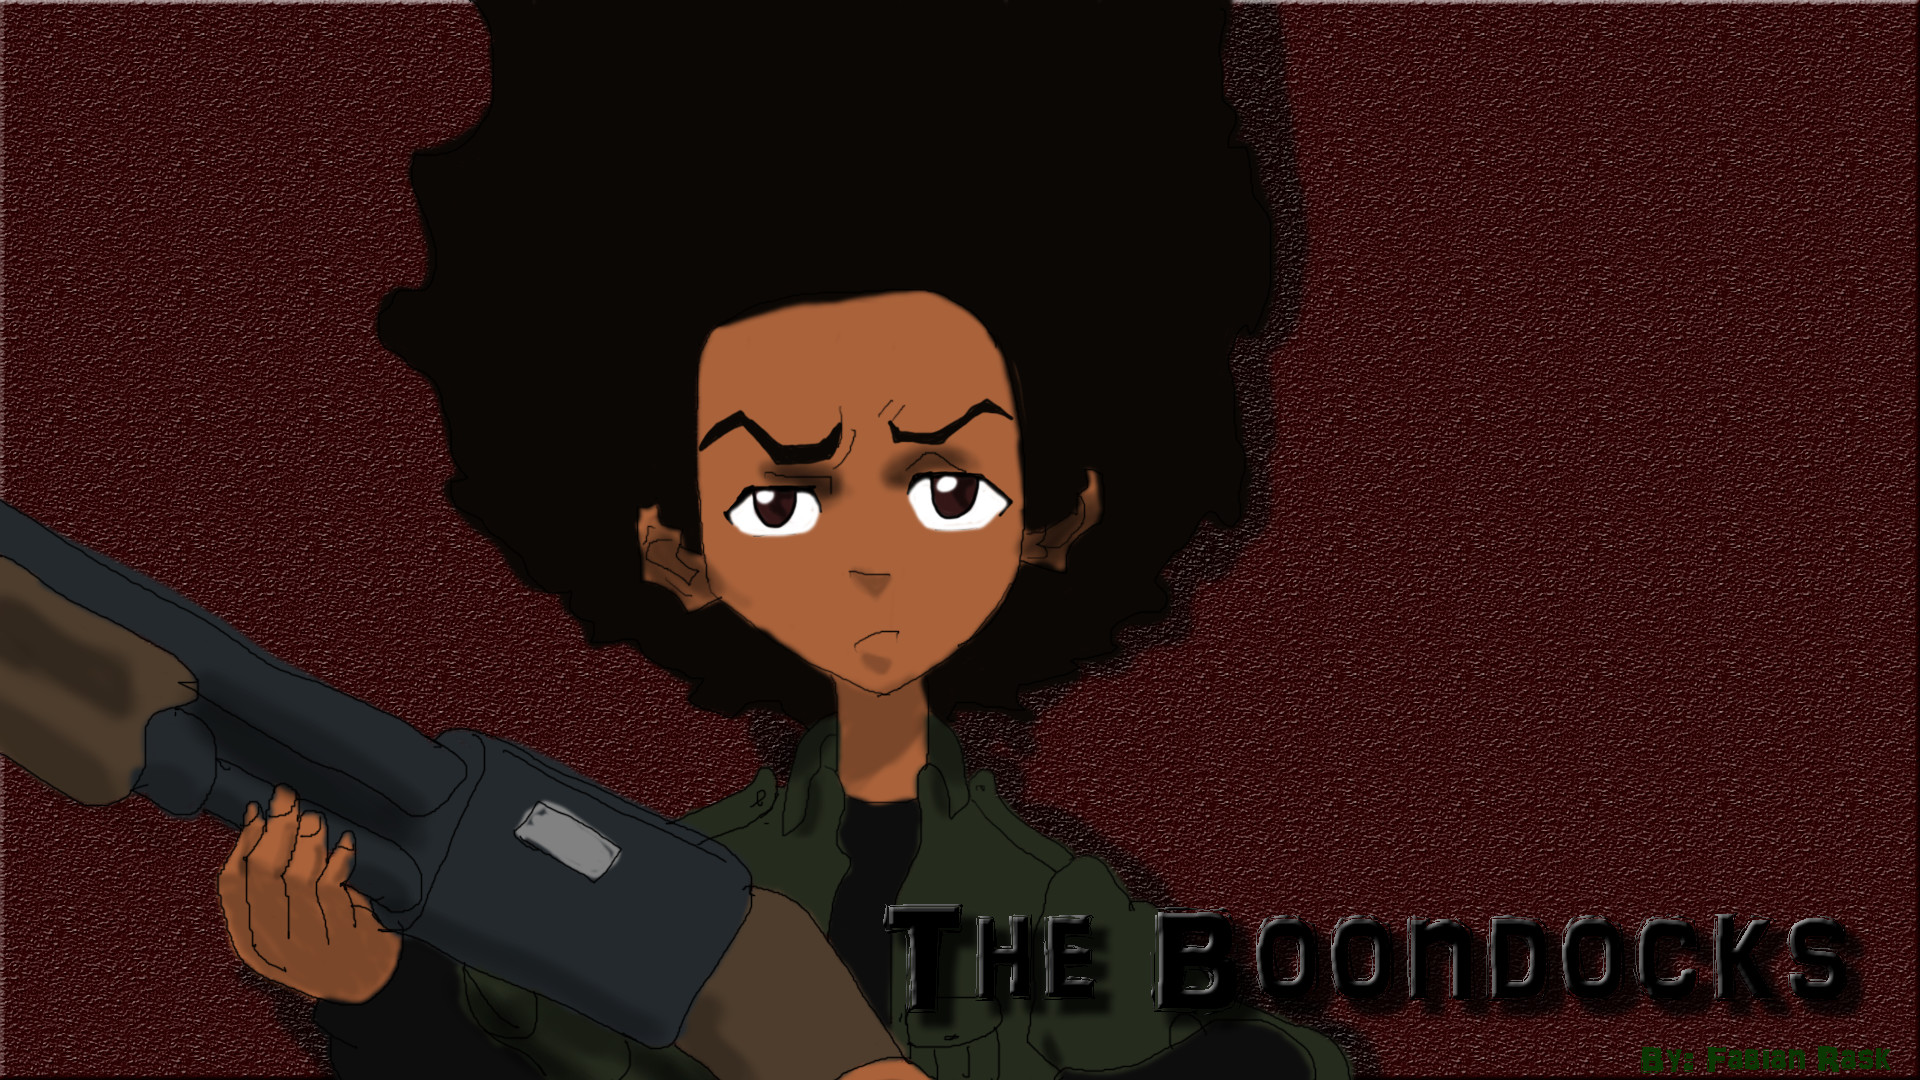 The Boondocks – Huey Freeman by FlutterFabbe on DeviantArt